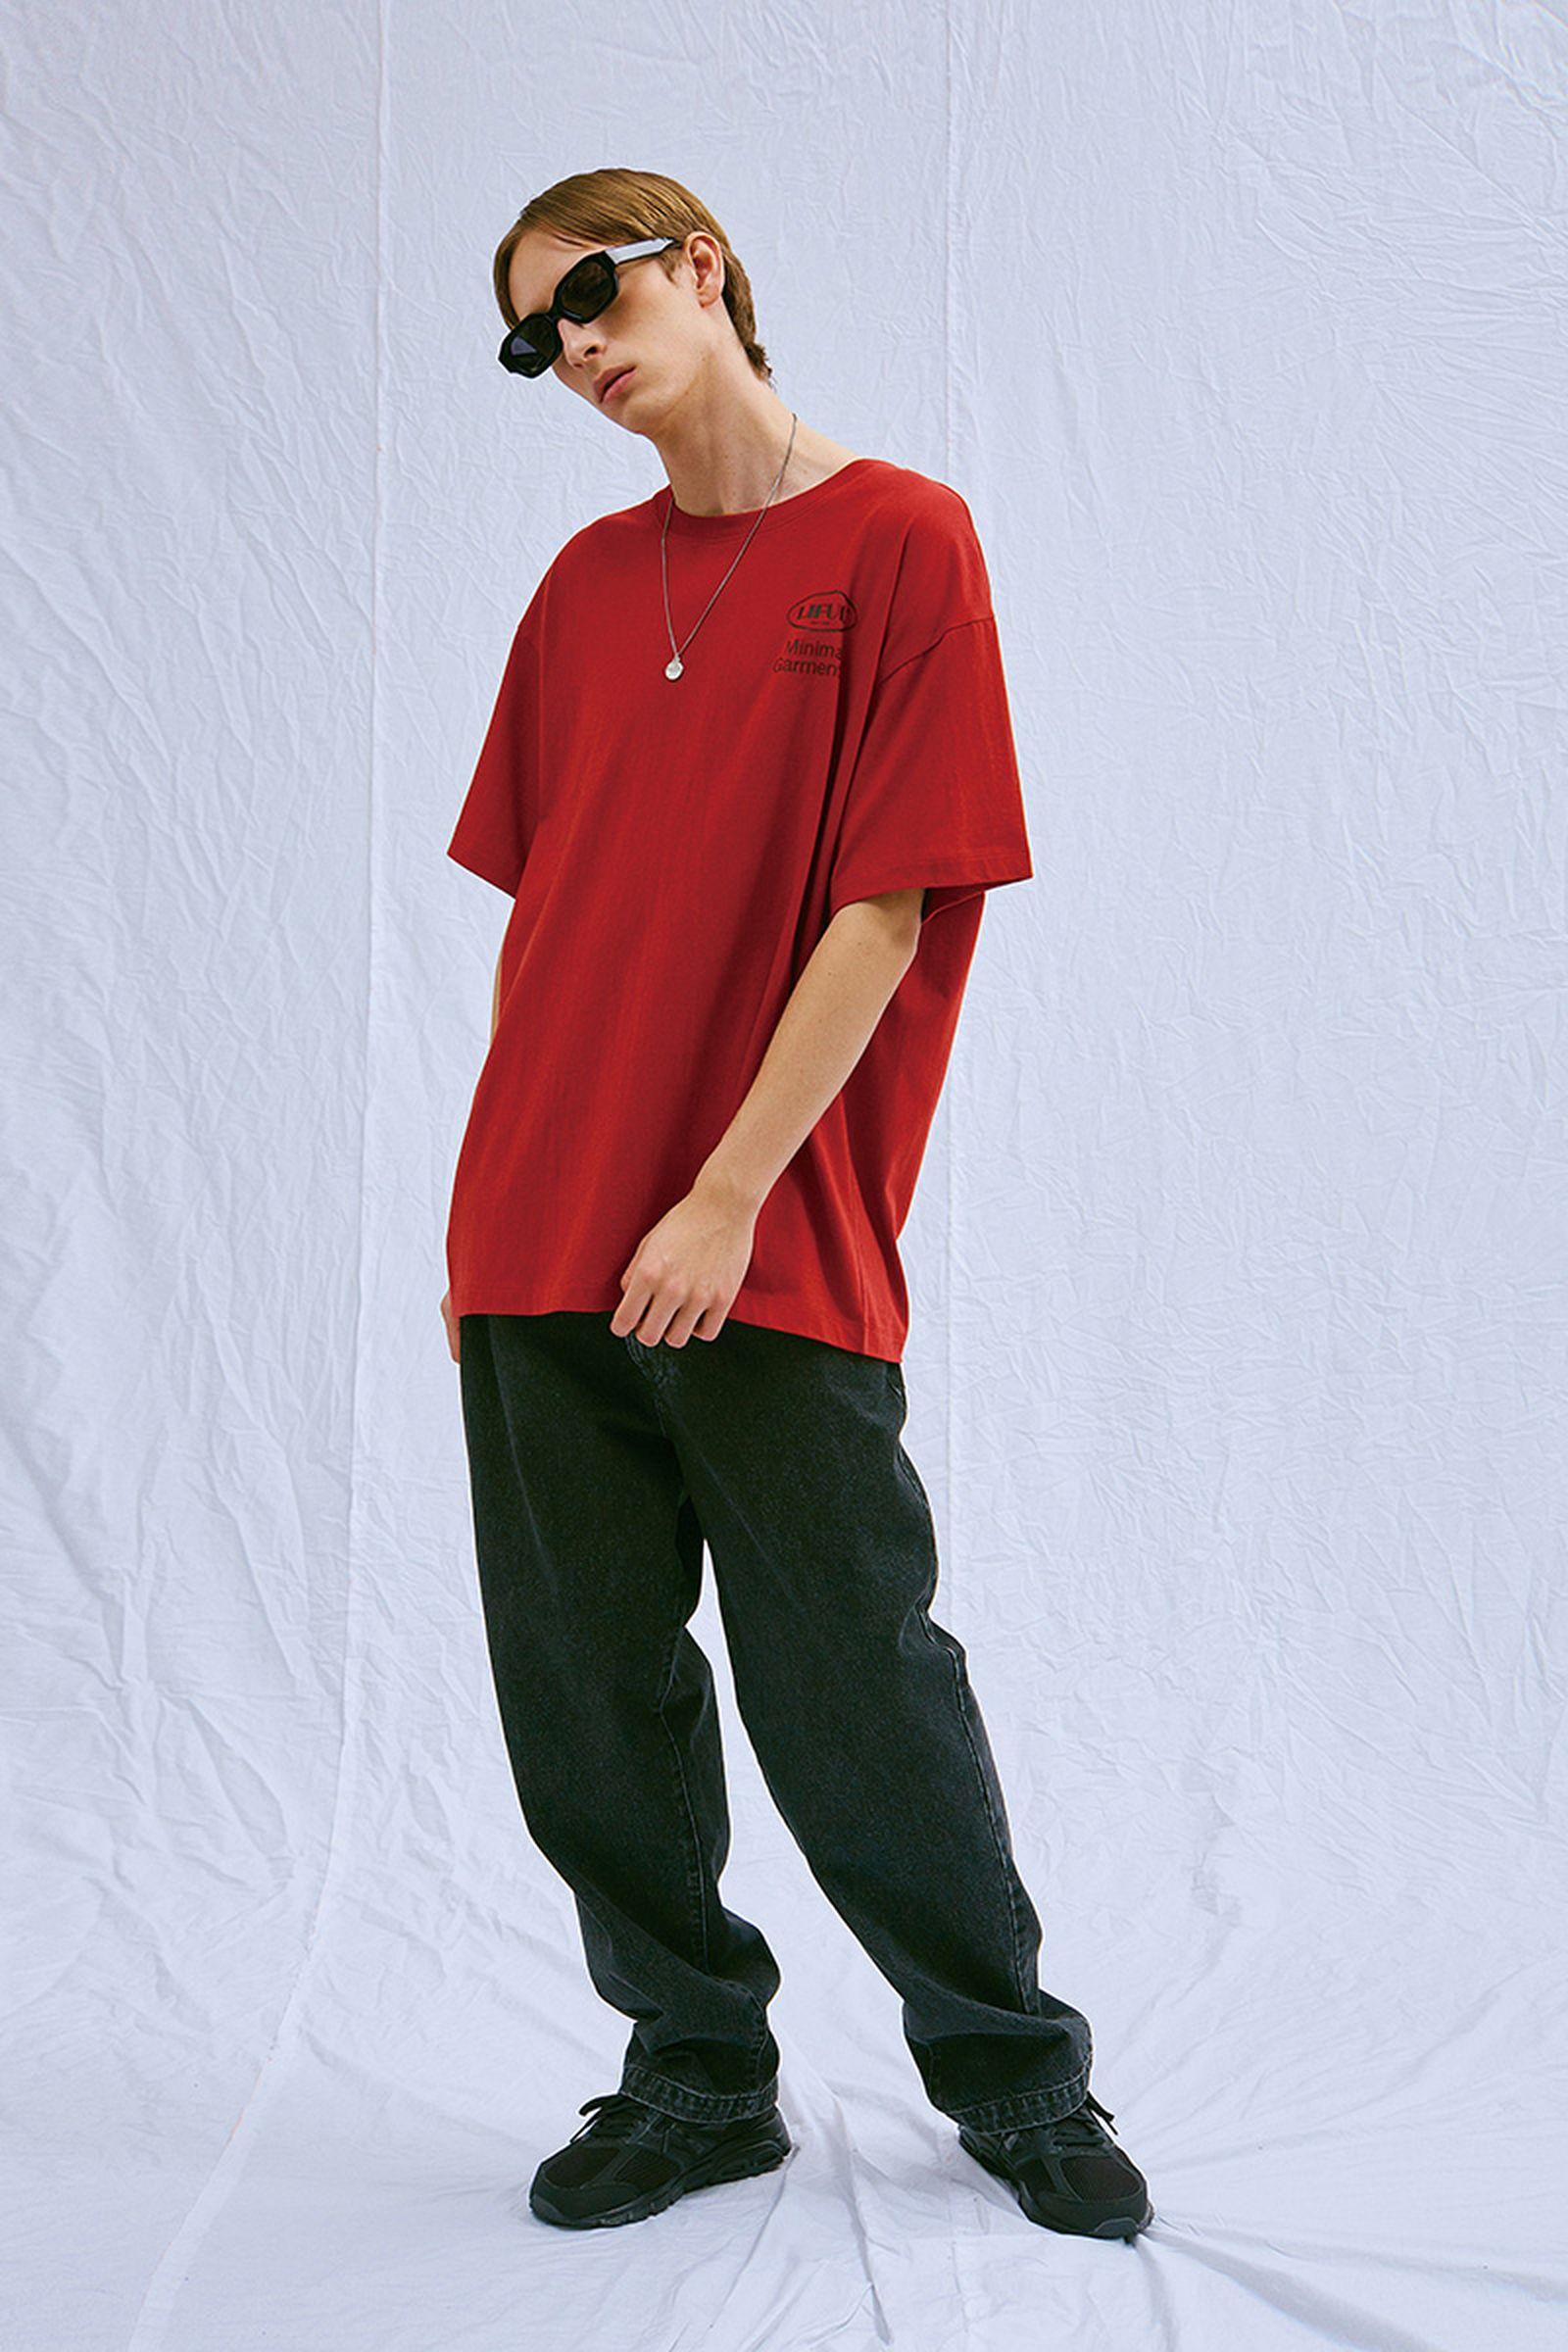 8liful minimal garments ss19 lookbook